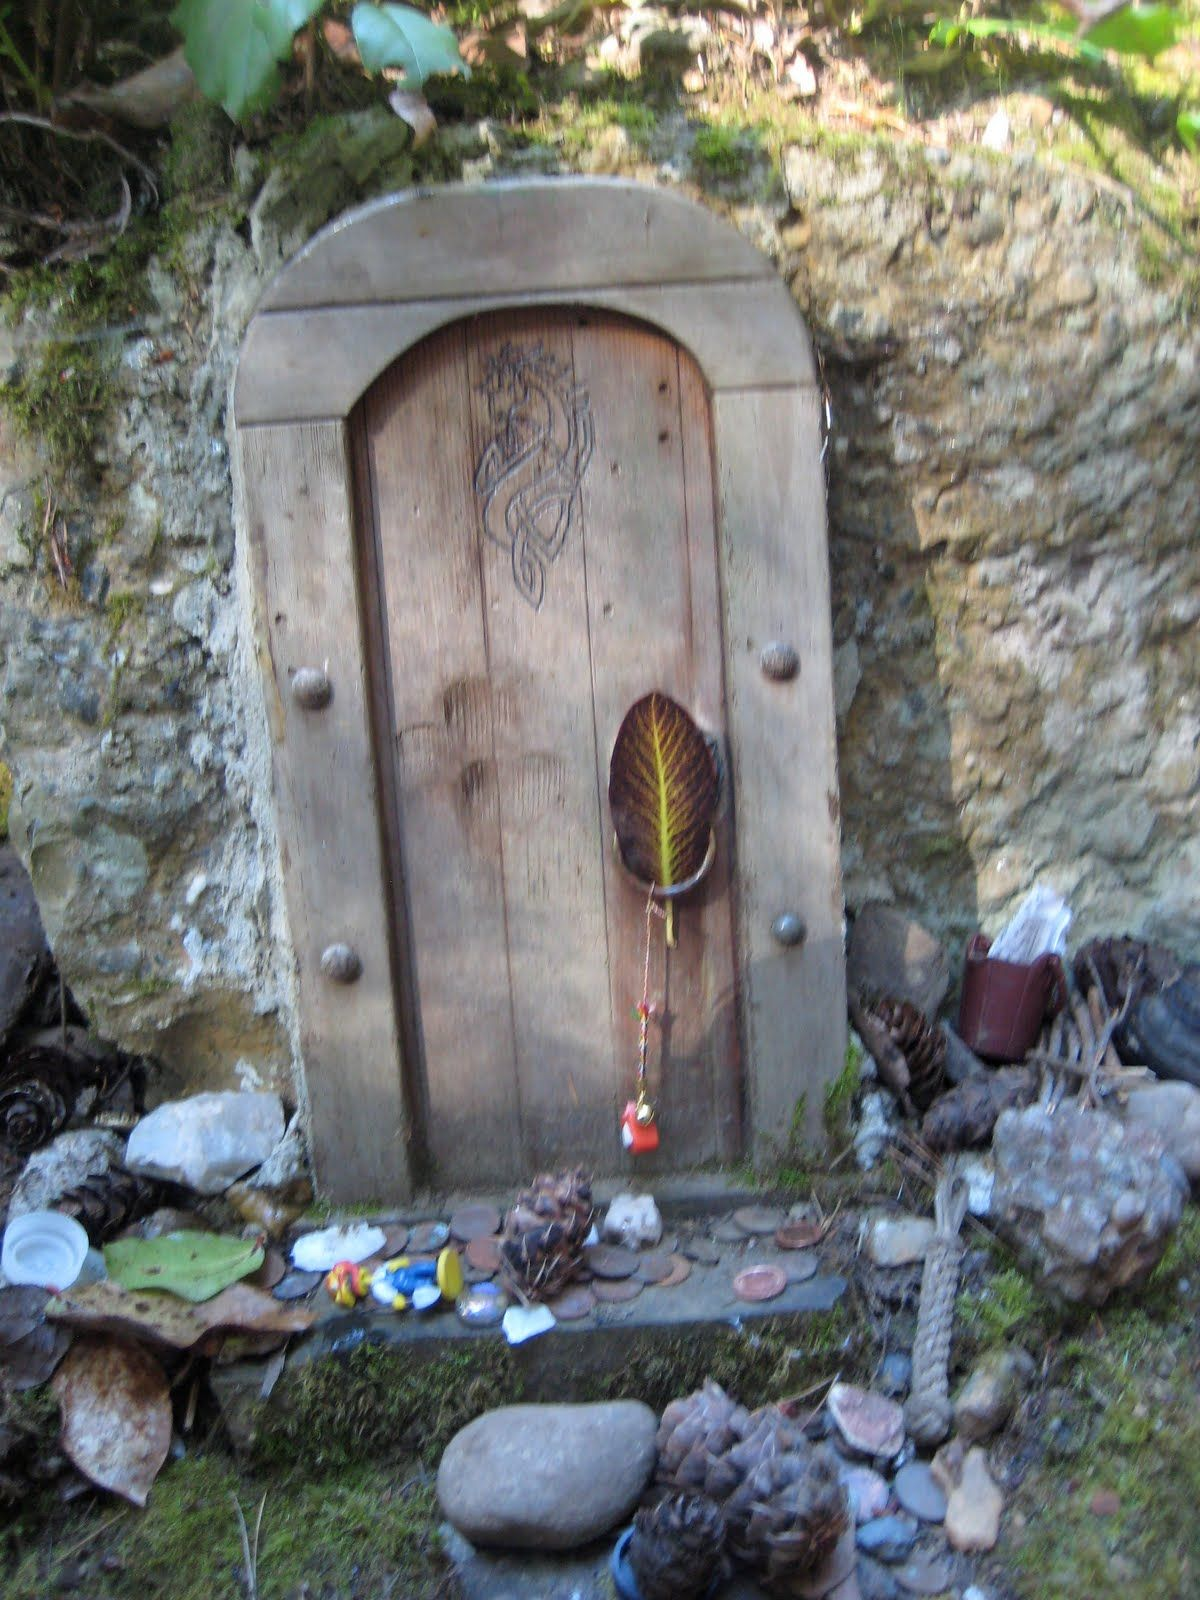 Fairy door salt spring island canada doors pinterest for Fairy doors images